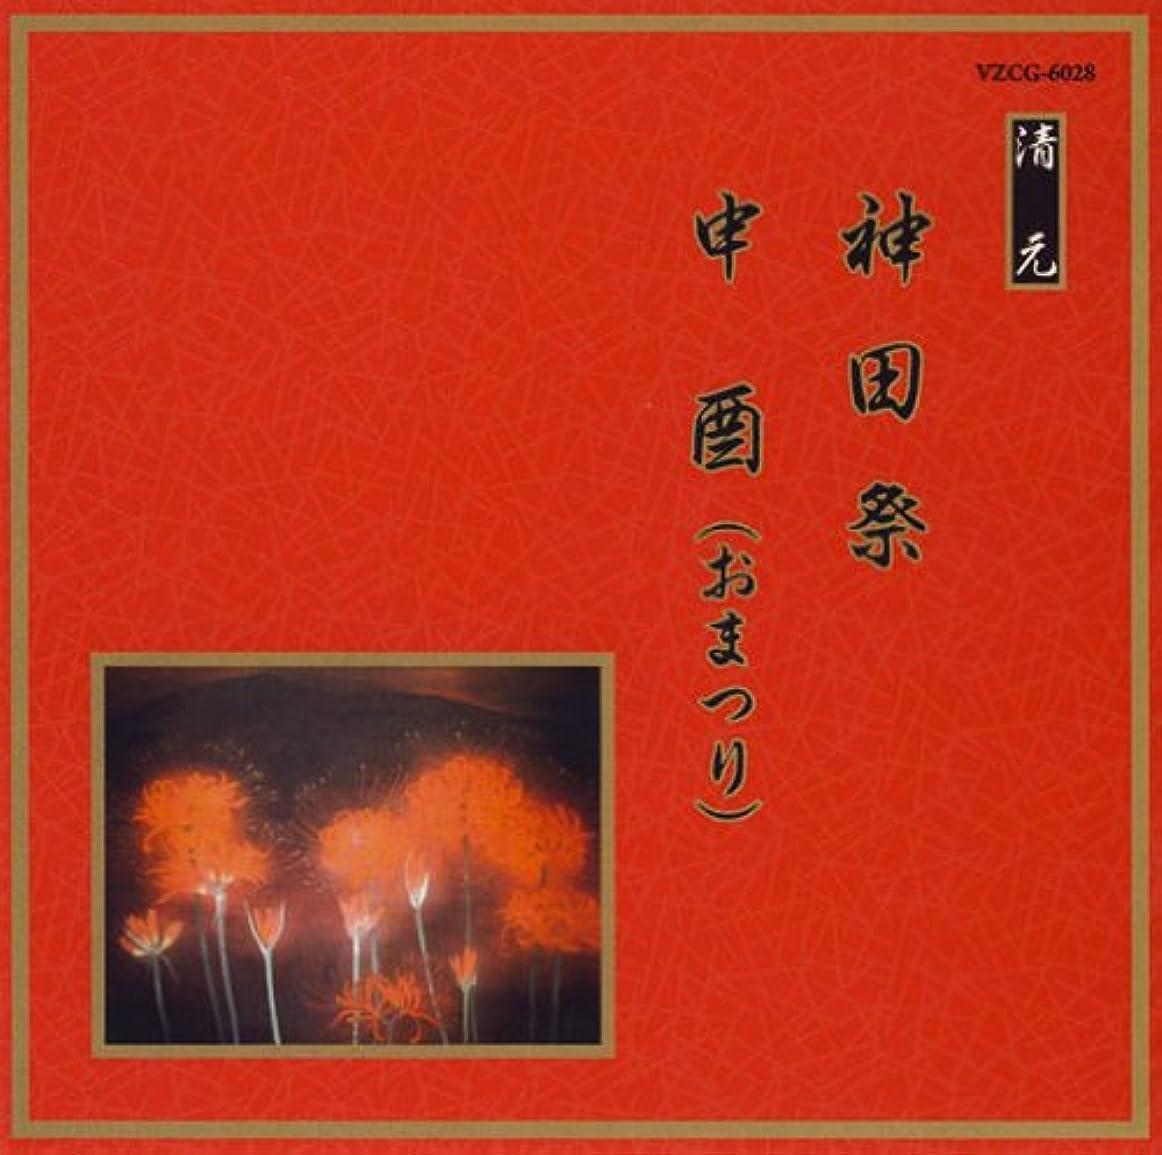 援助一元化する切り下げ人間国宝シリーズ(4)清元